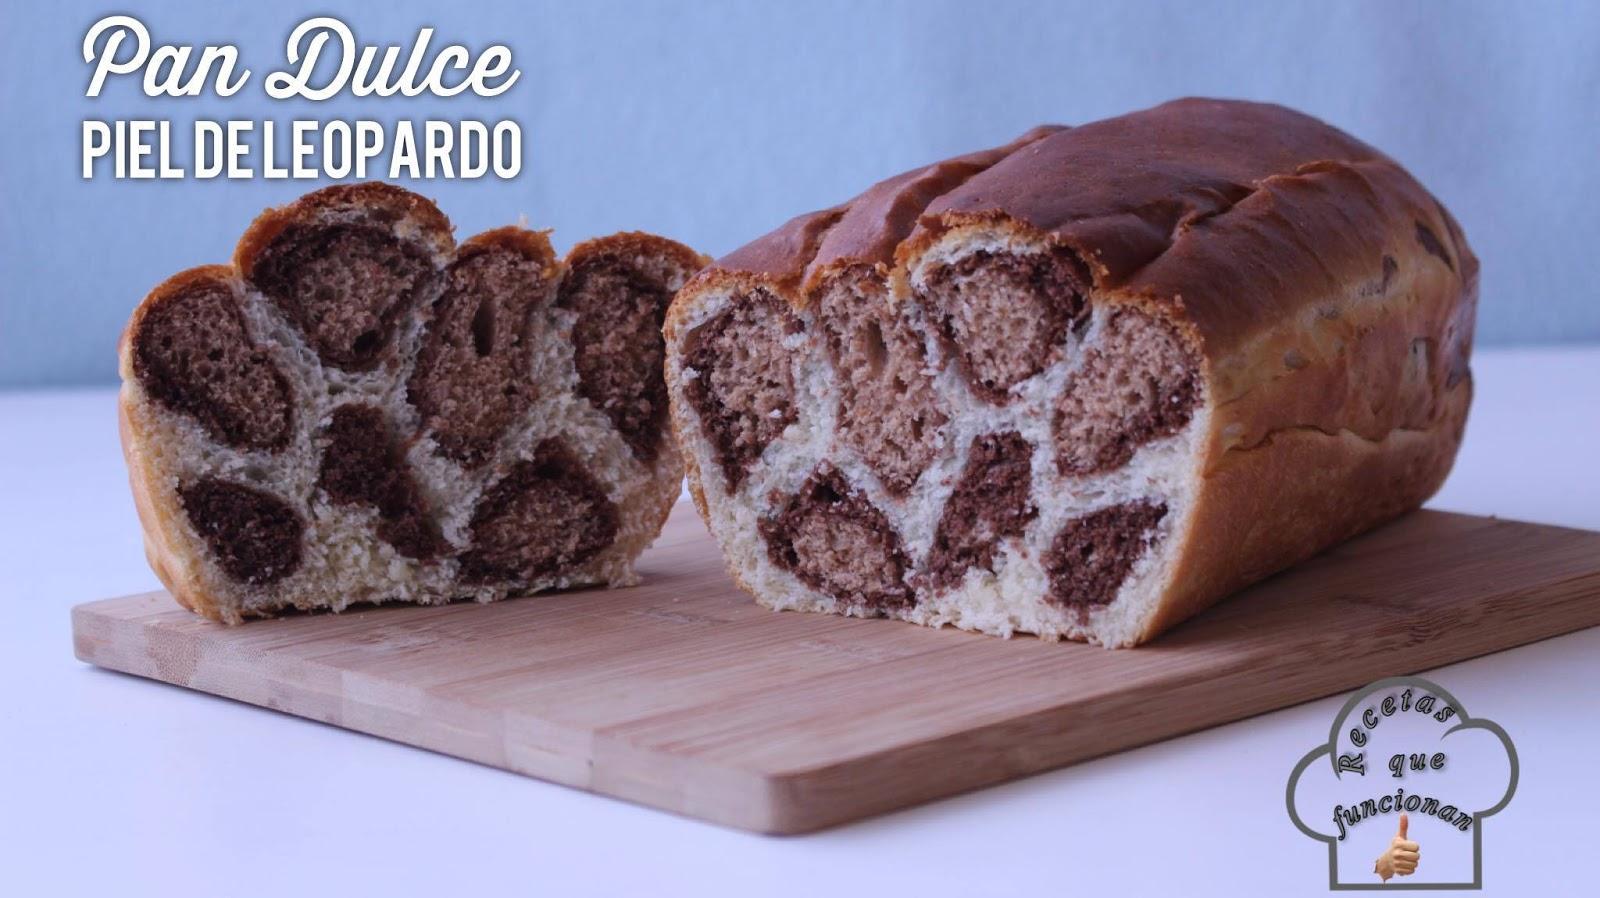 Pan piel de leopardo - Animal Print - La Cocina Del Sur